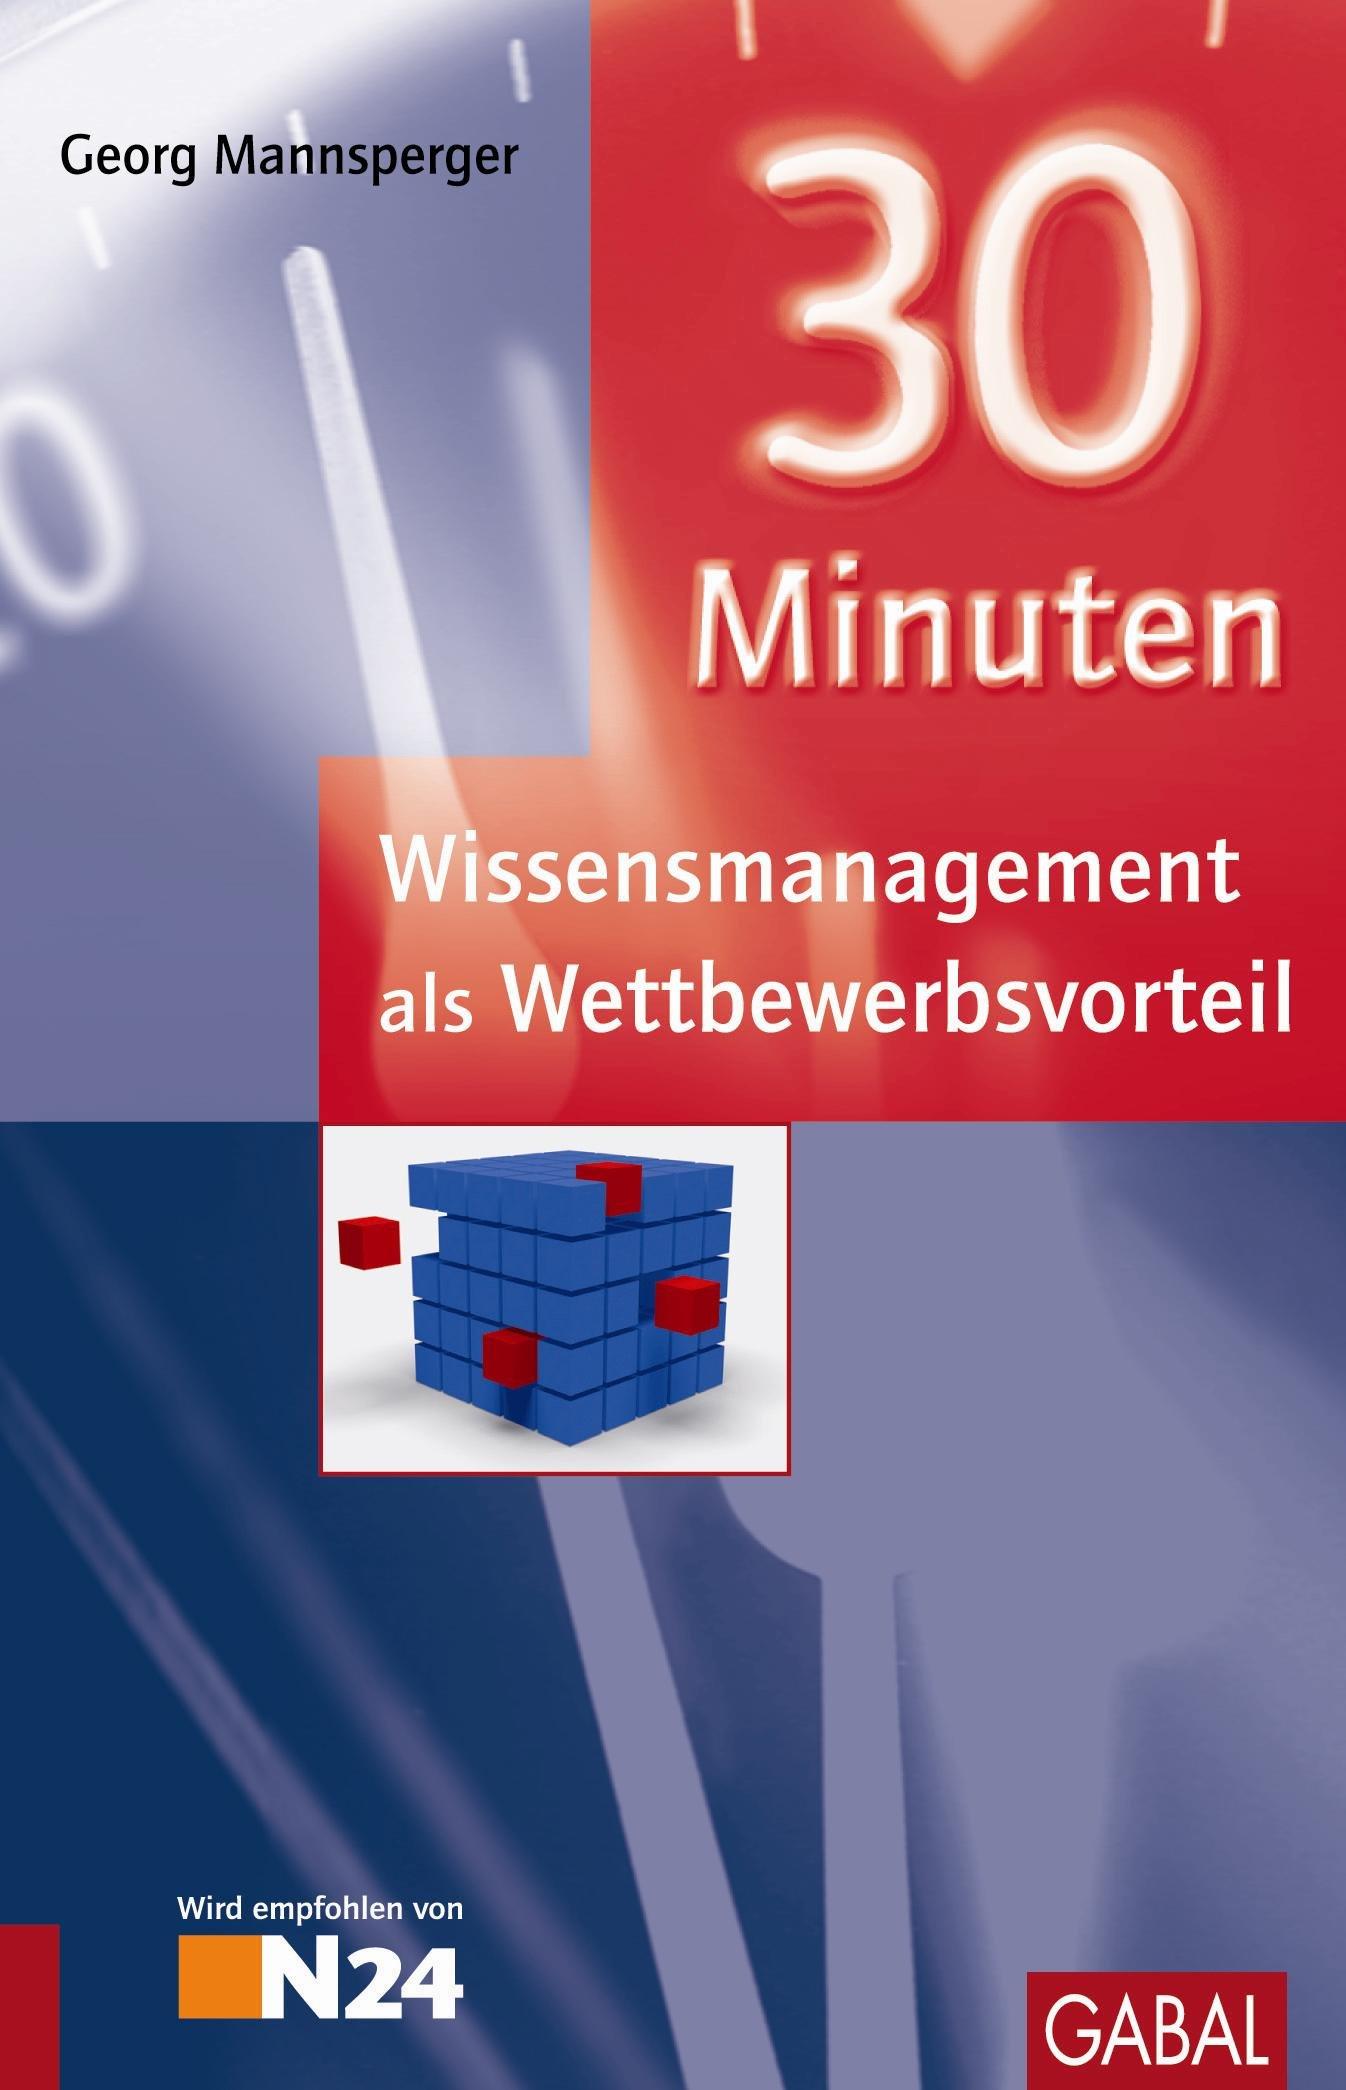 30 Minuten Wissensmanagement als Wettbewerbsvorteil